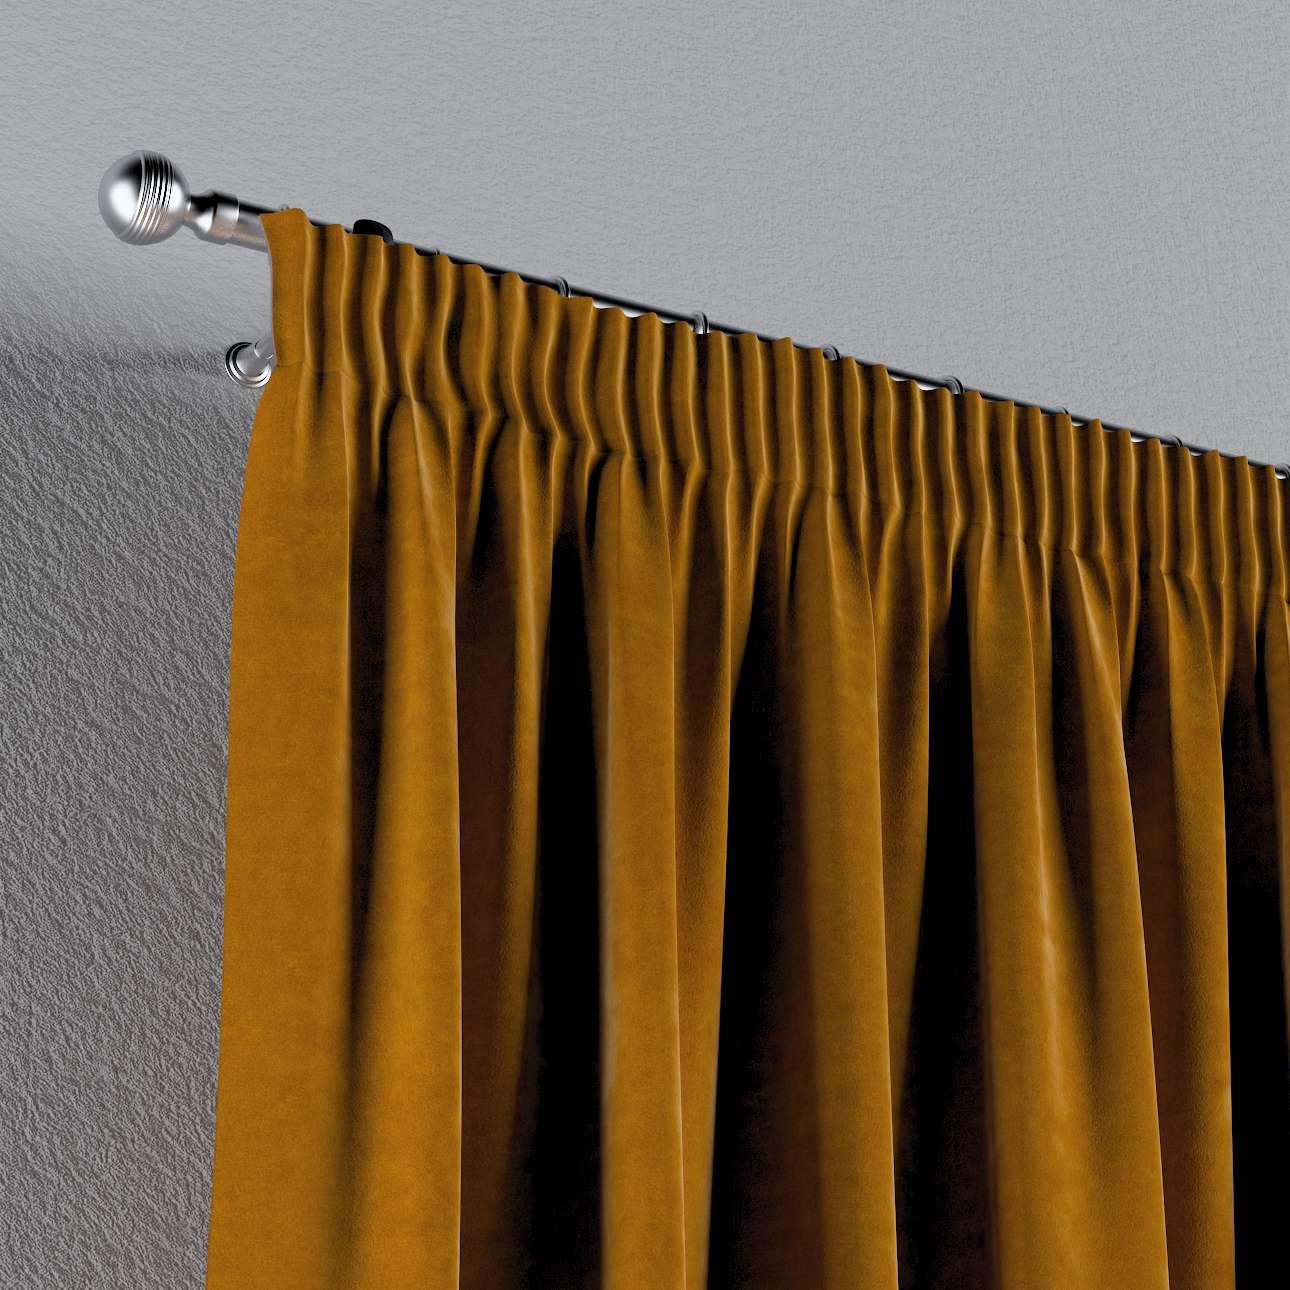 Zasłona na taśmie marszczącej 1 szt. w kolekcji Velvet, tkanina: 704-23